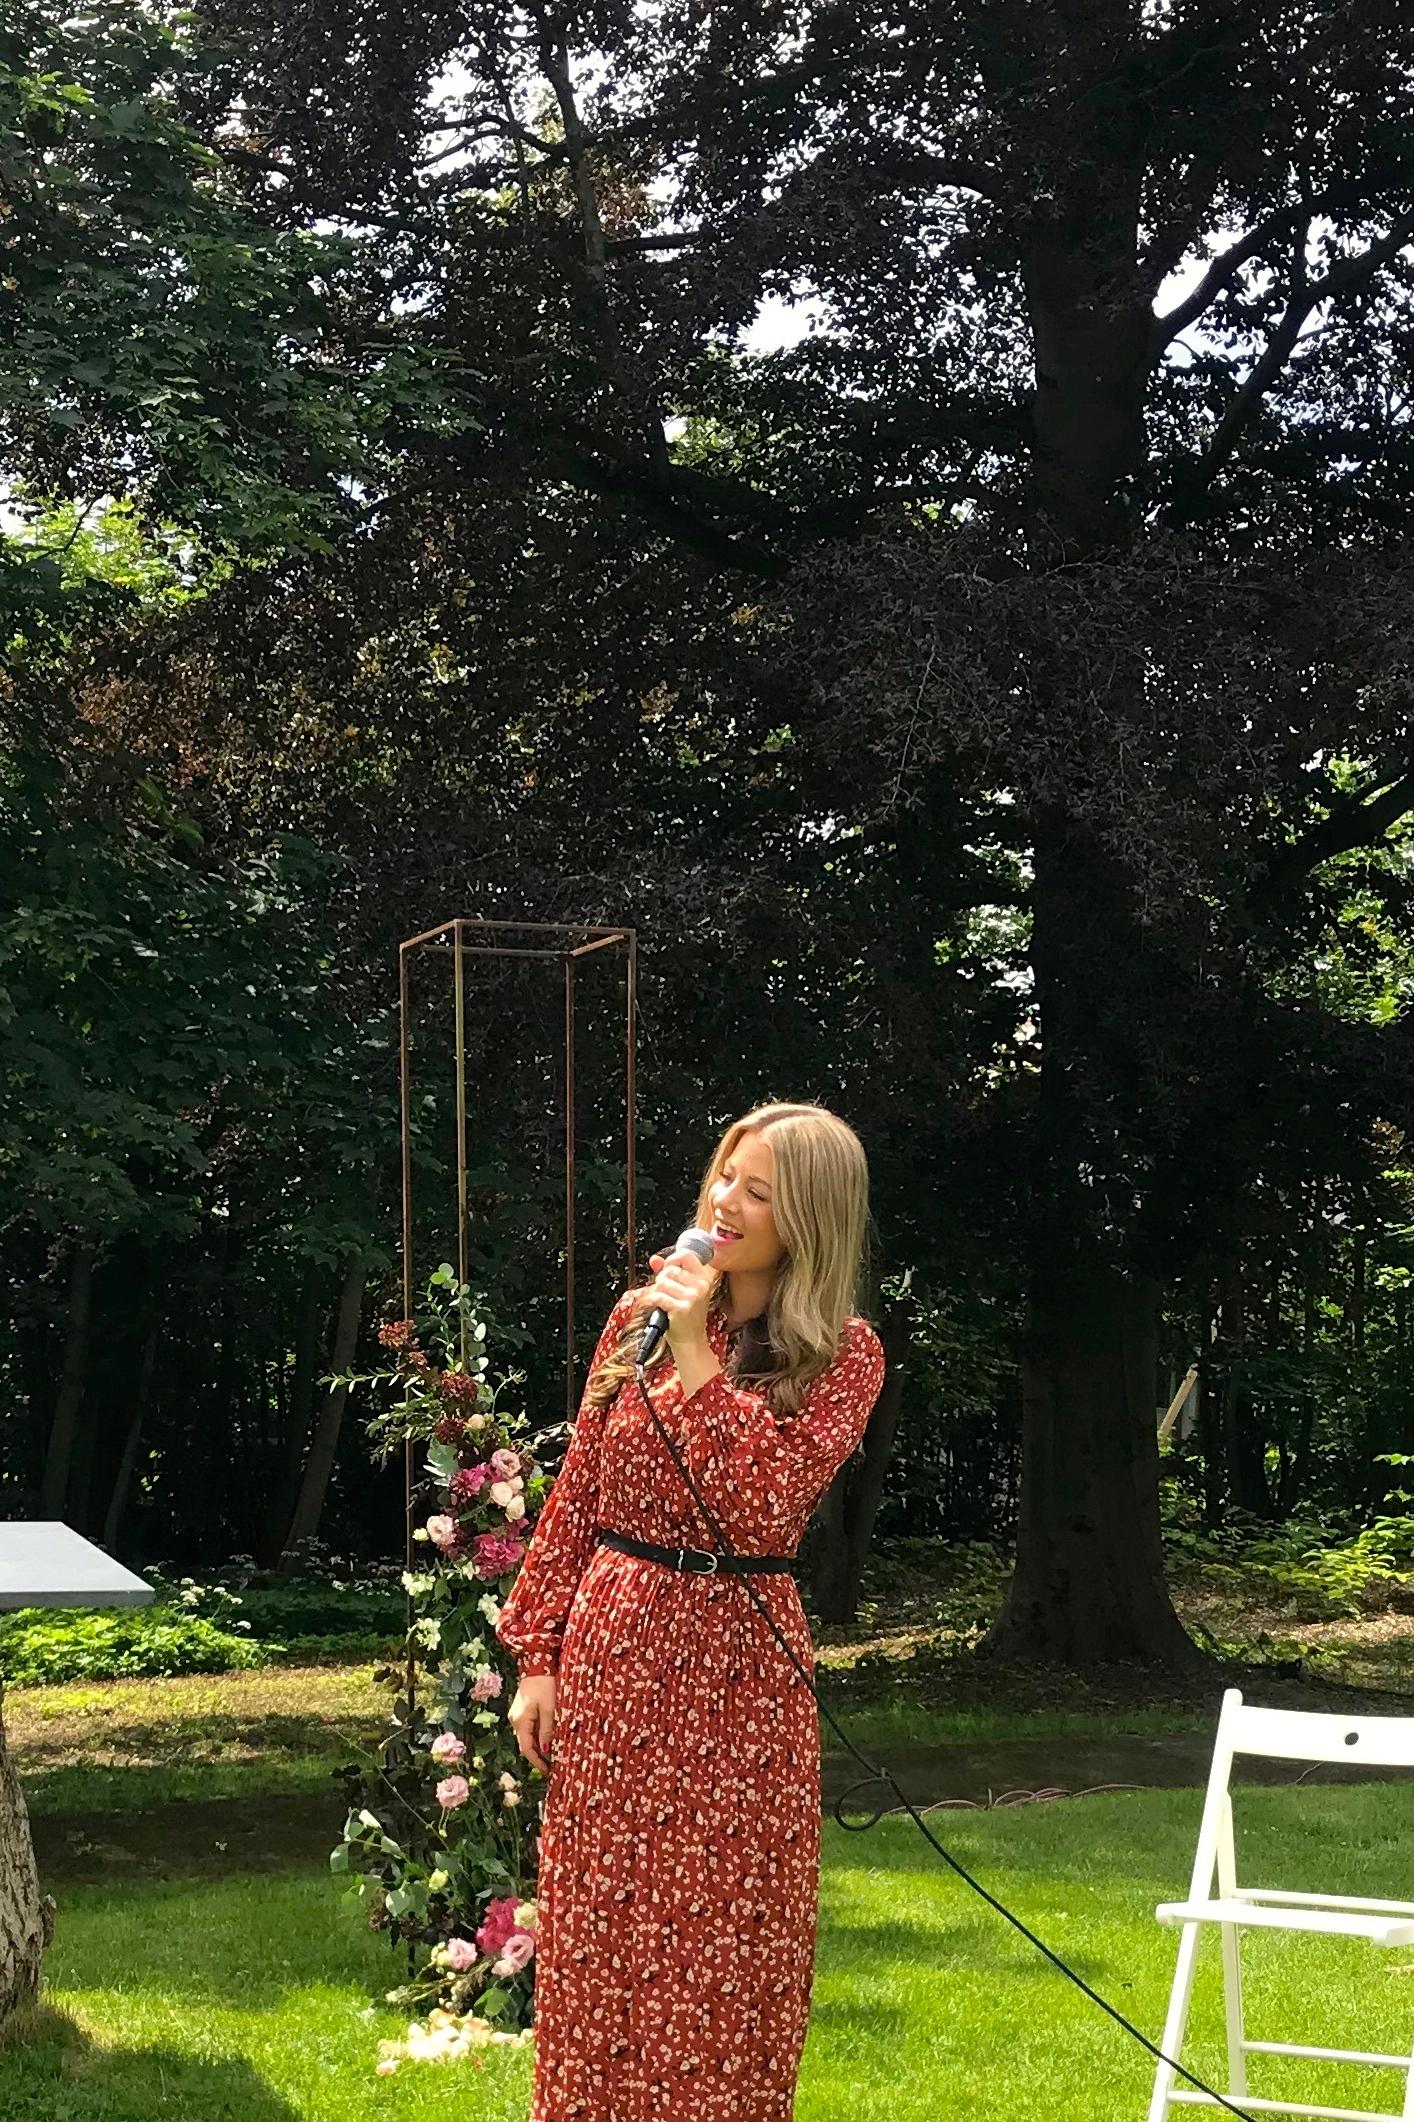 Villa Eckbo i Oslo, er et utrolig kult sted for bryllup! Akkurat dette brudeparet holdt vielsen ute! Sinnsykt fine omgivelser!